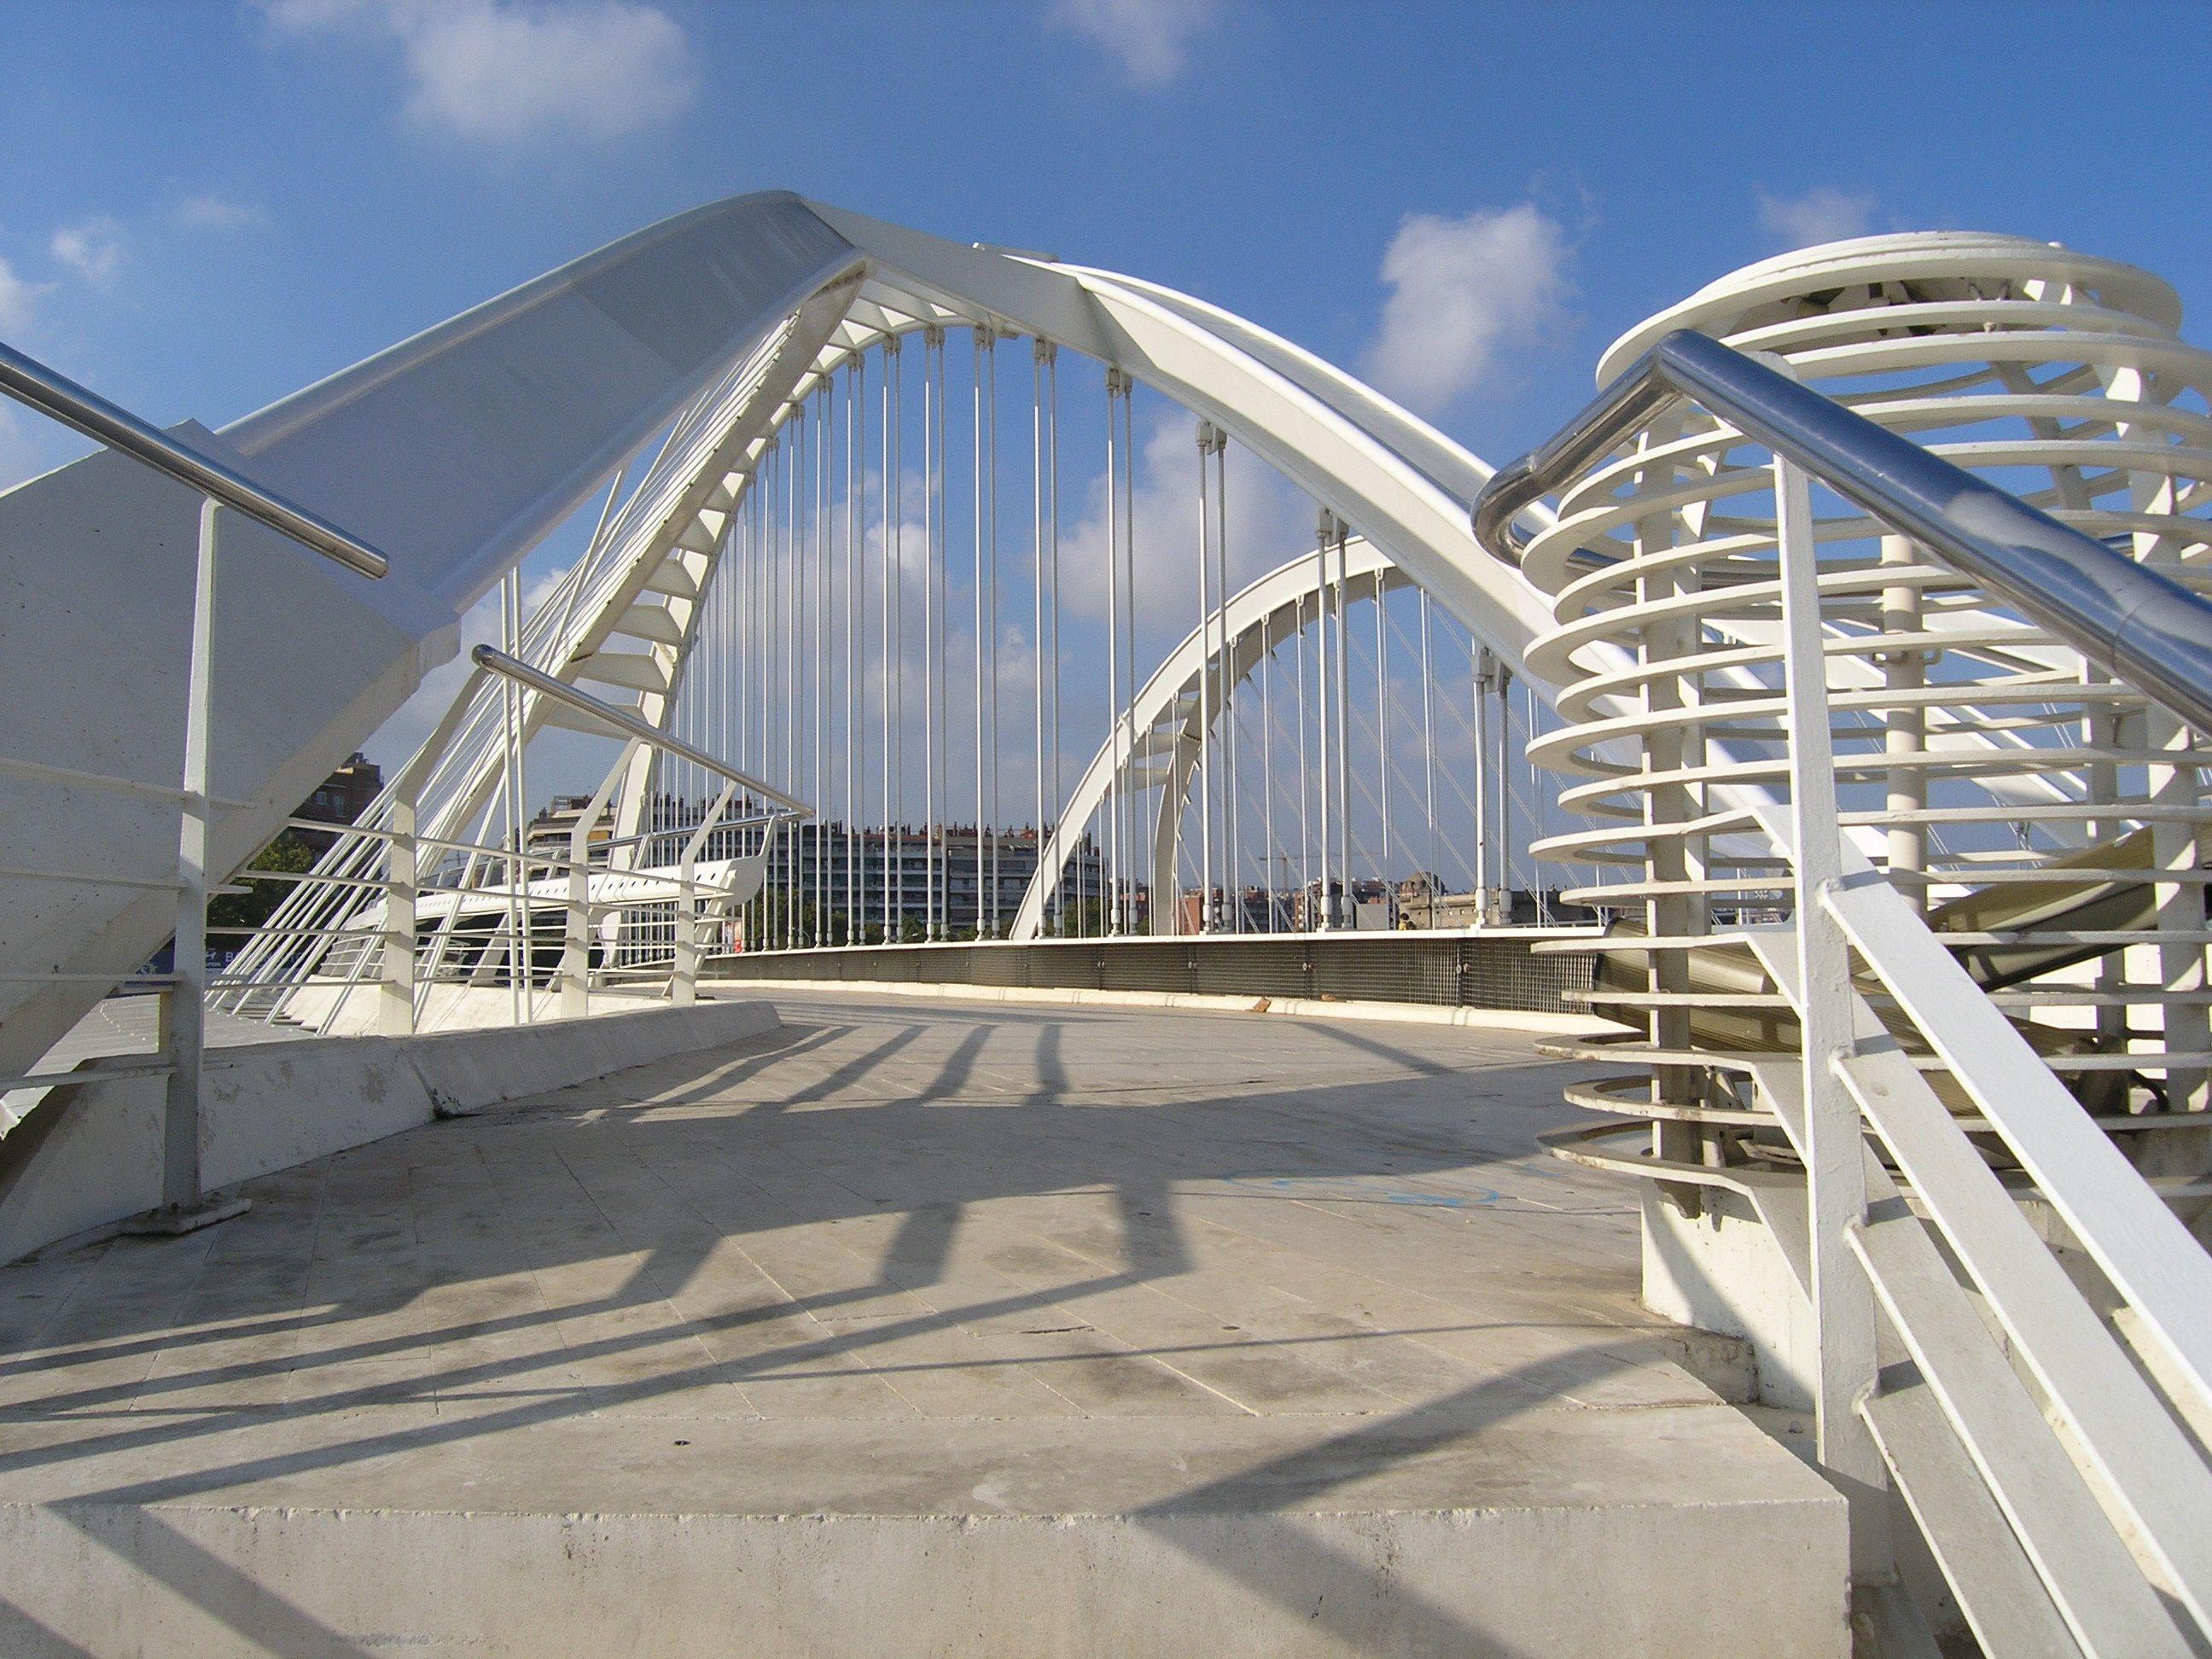 PUENTE DE BACH DE RODA (Barcelona), otro puente de Santiago Calatrava